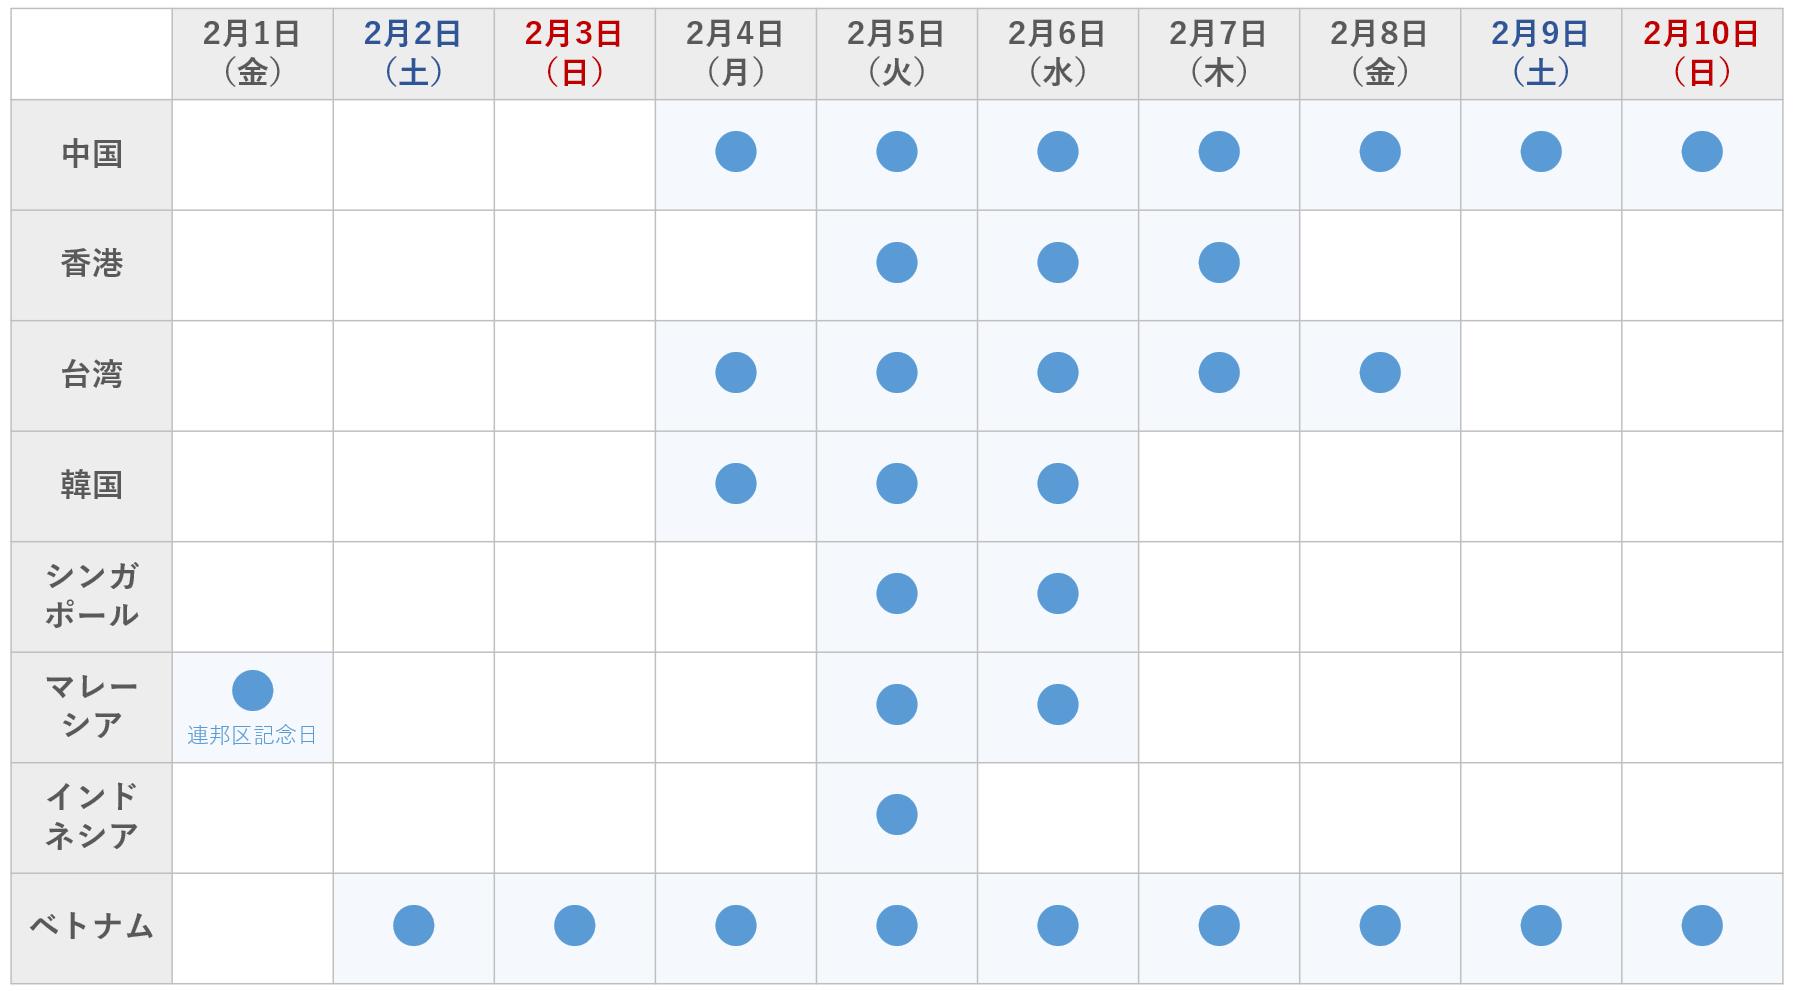 2019年アジア各国・地域の春節連休の表